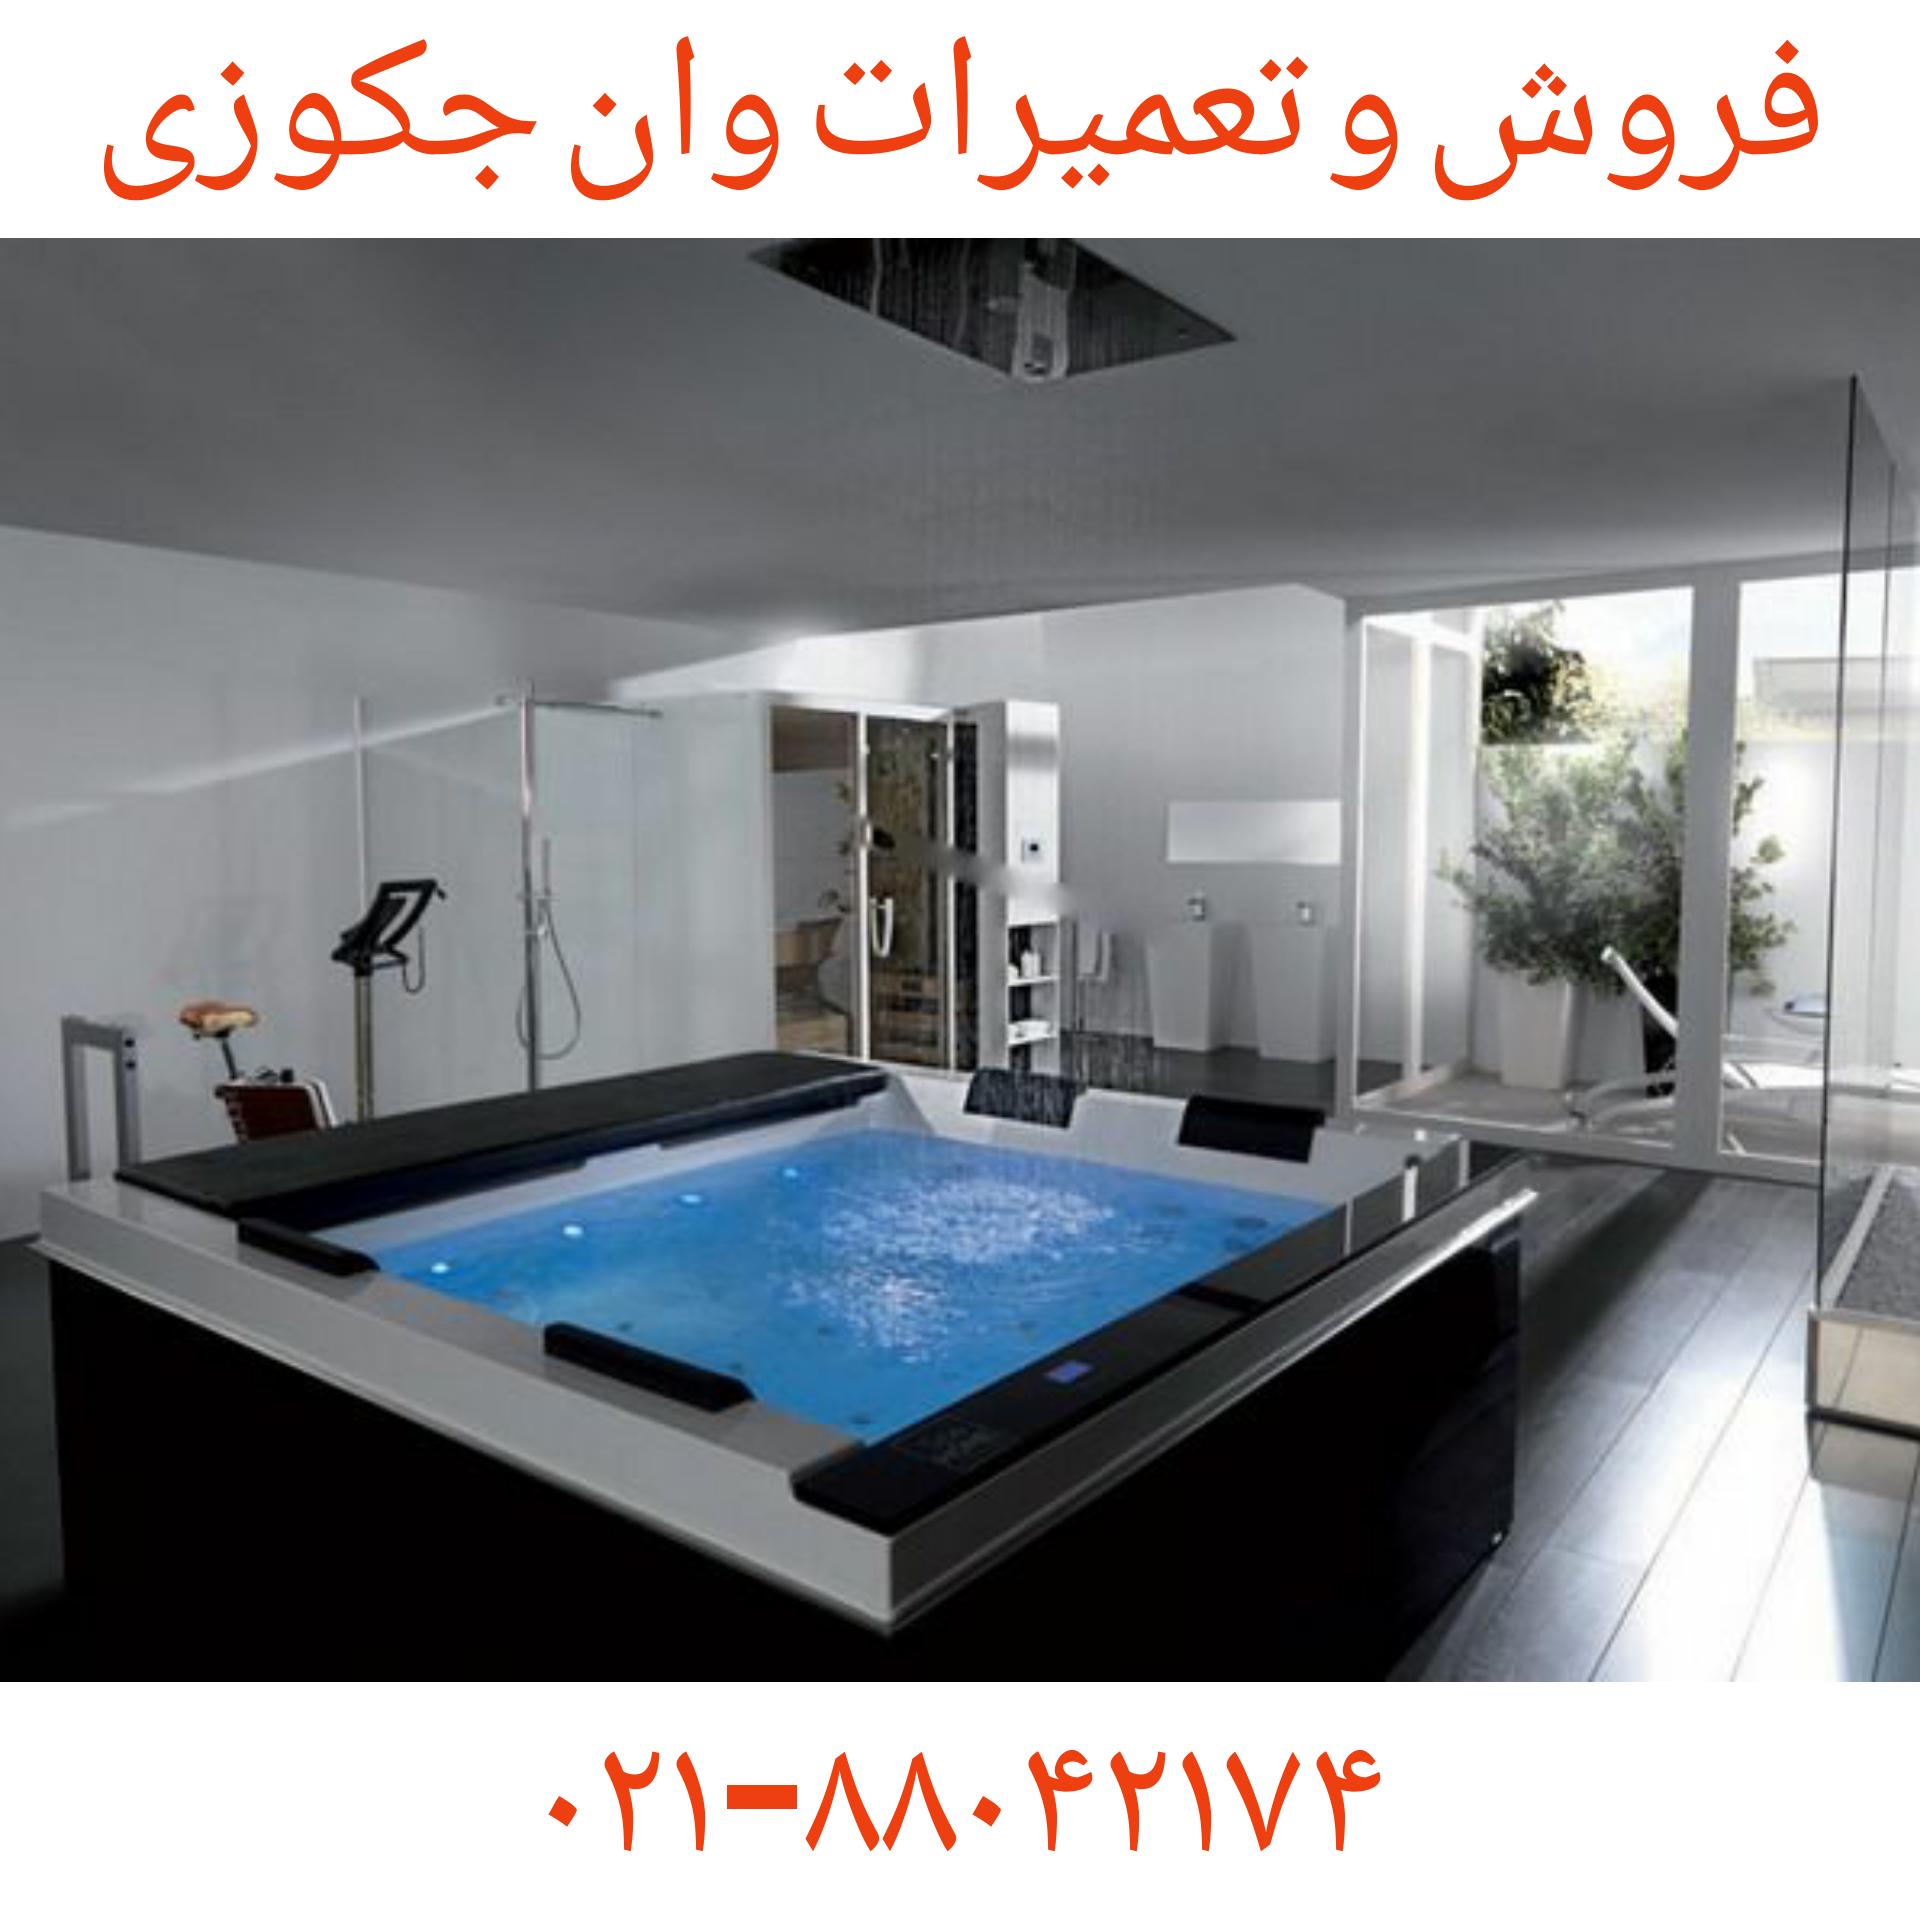 برای تعمیر وان_جکوزی -کابین دوش -سونا بخار تماس بگیرید09121507825